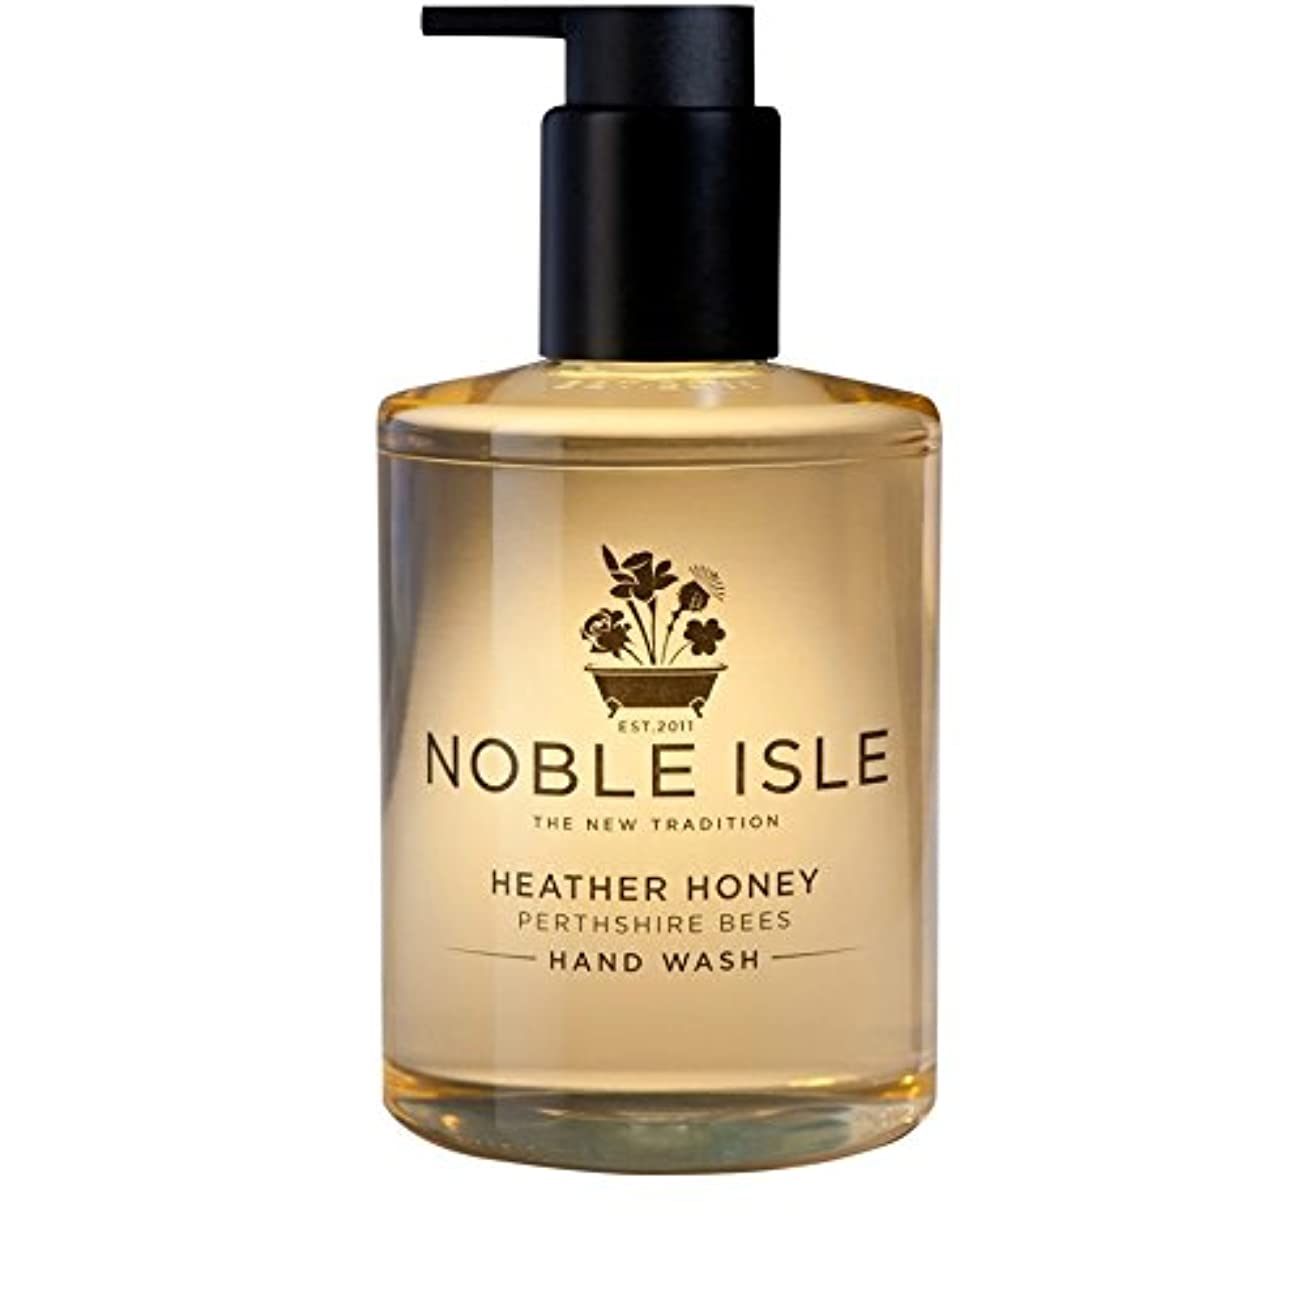 おっと耕す休眠Noble Isle Heather Honey Perthshire Bees Hand Wash 250ml - 高貴な島杢蜂蜜パースシャー蜂のハンドウォッシュ250ミリリットル [並行輸入品]